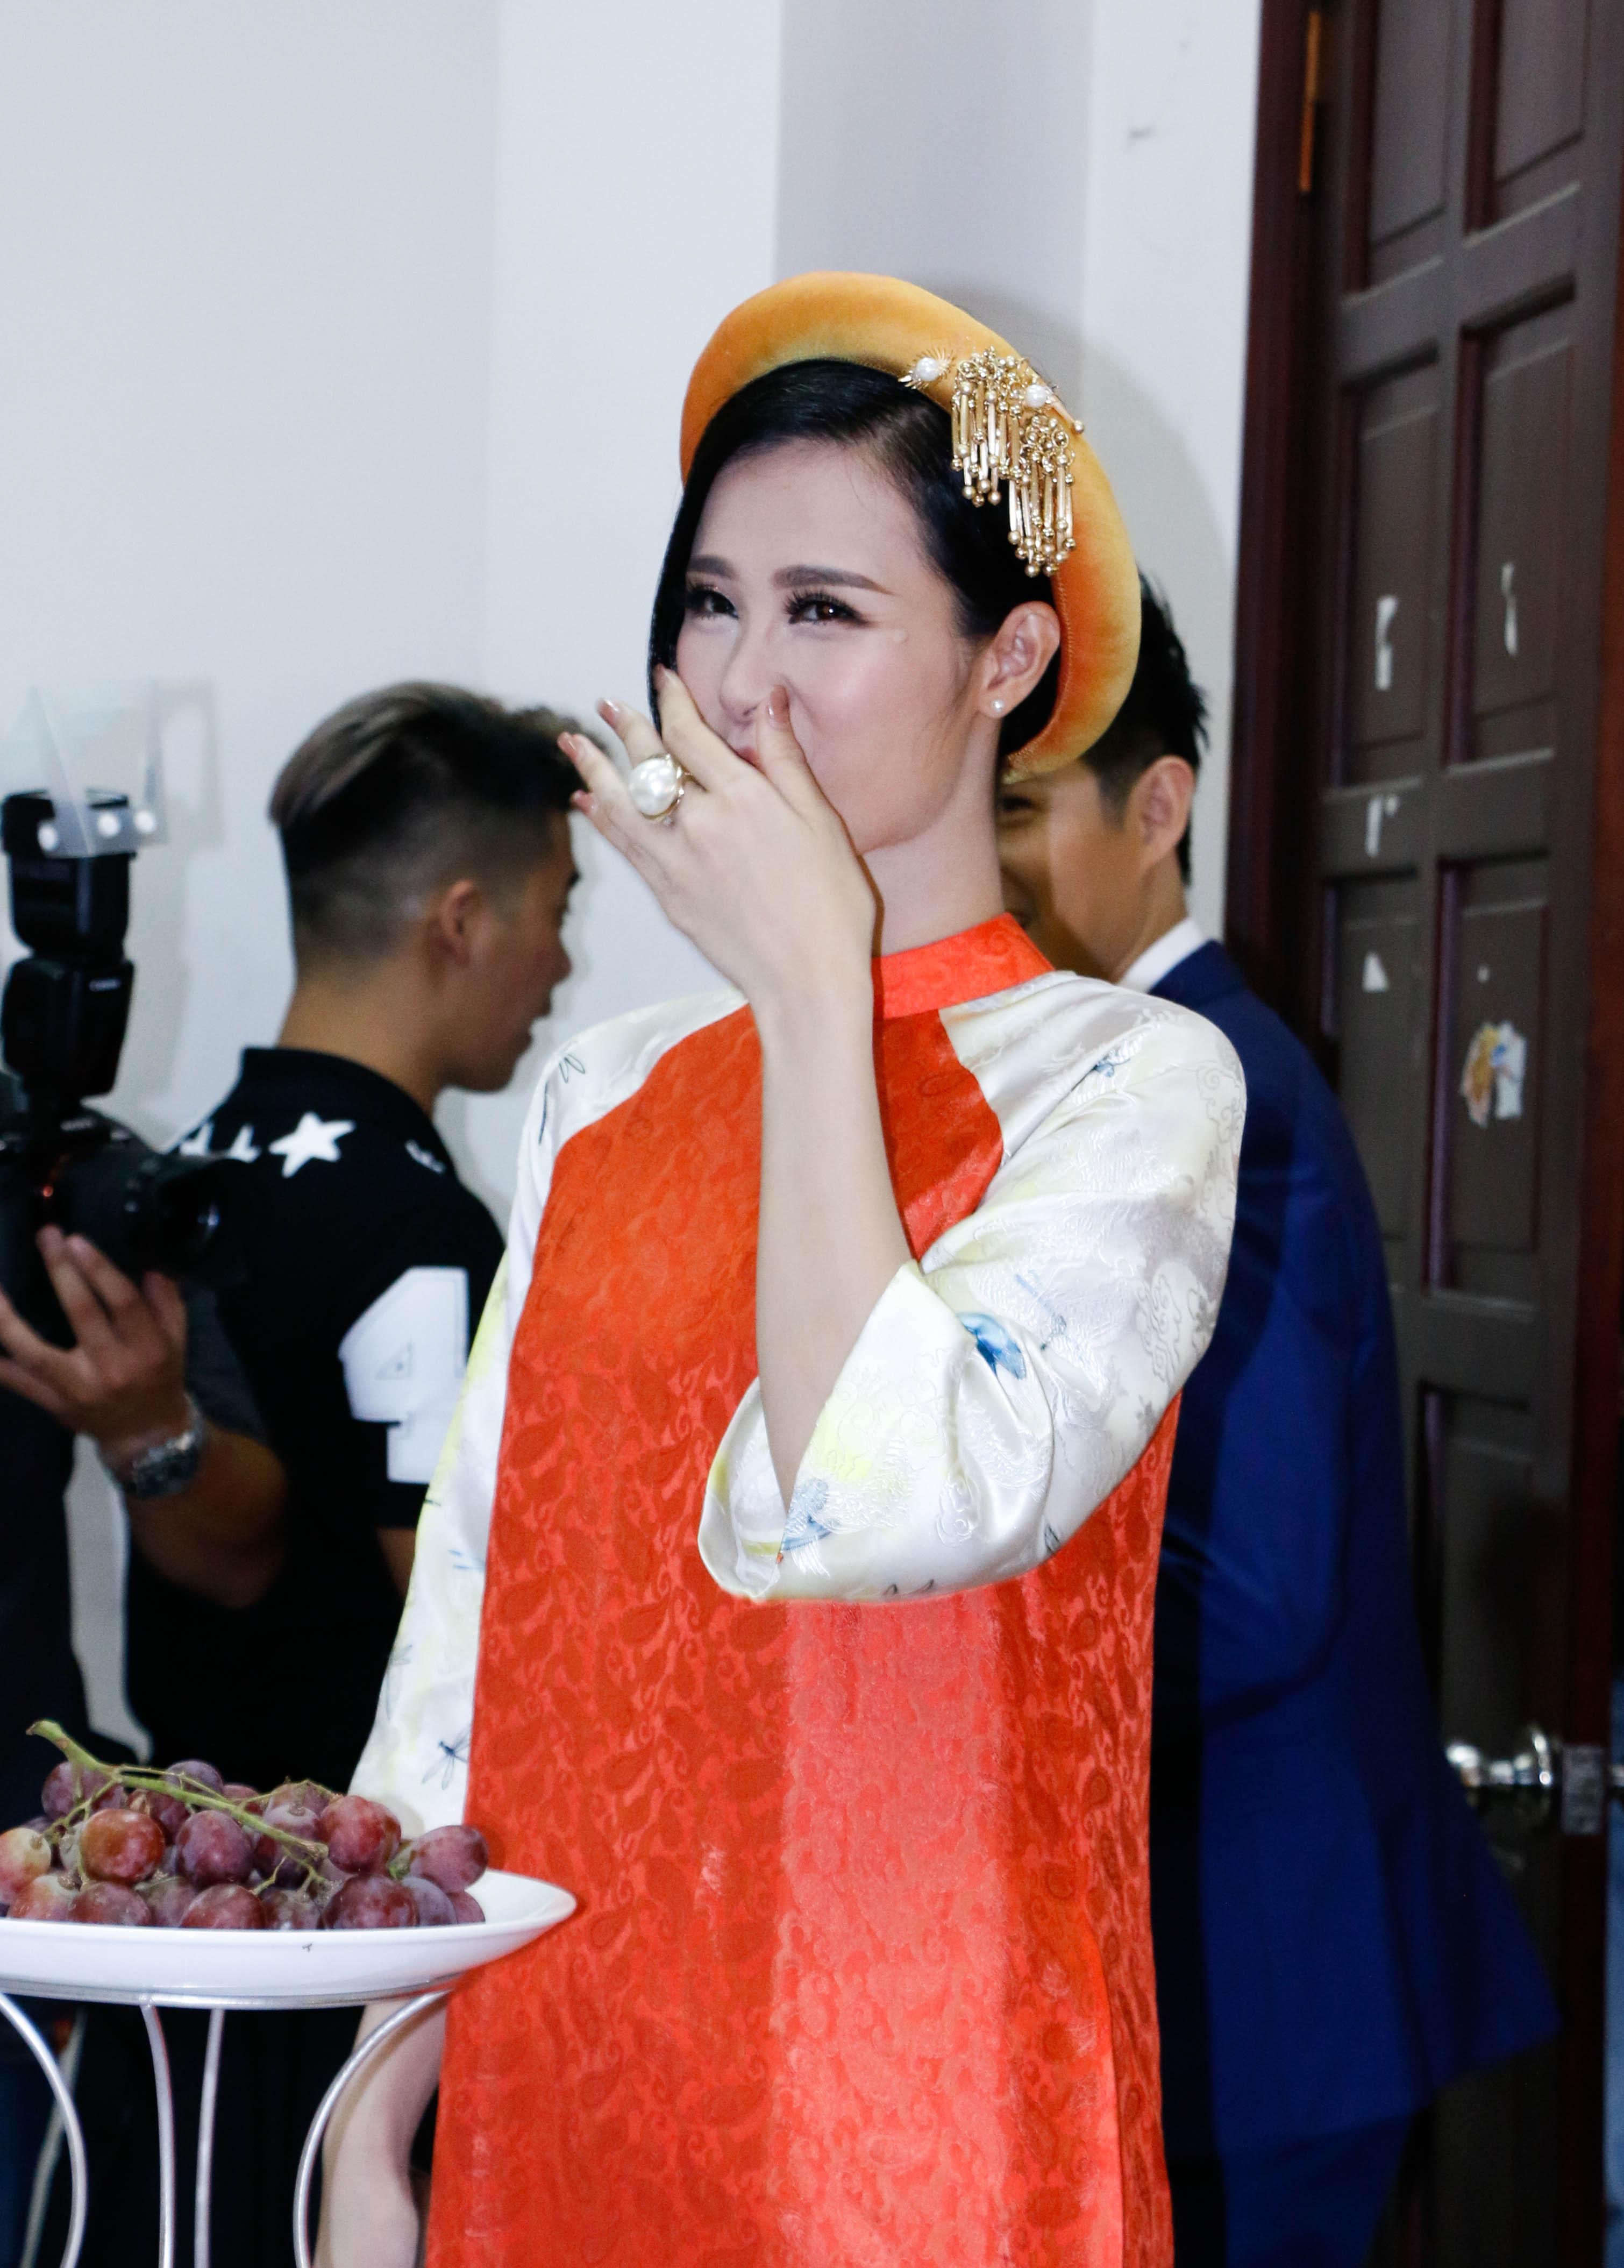 Vừa mới xuất hiện, Đông Nhi đã hứng lấy lời gièm pha của nam ca sĩ Cause I love you. Anh cho rằng, Đông Nhi mặc lại trang phục của ca sĩ Tóc Tiên.